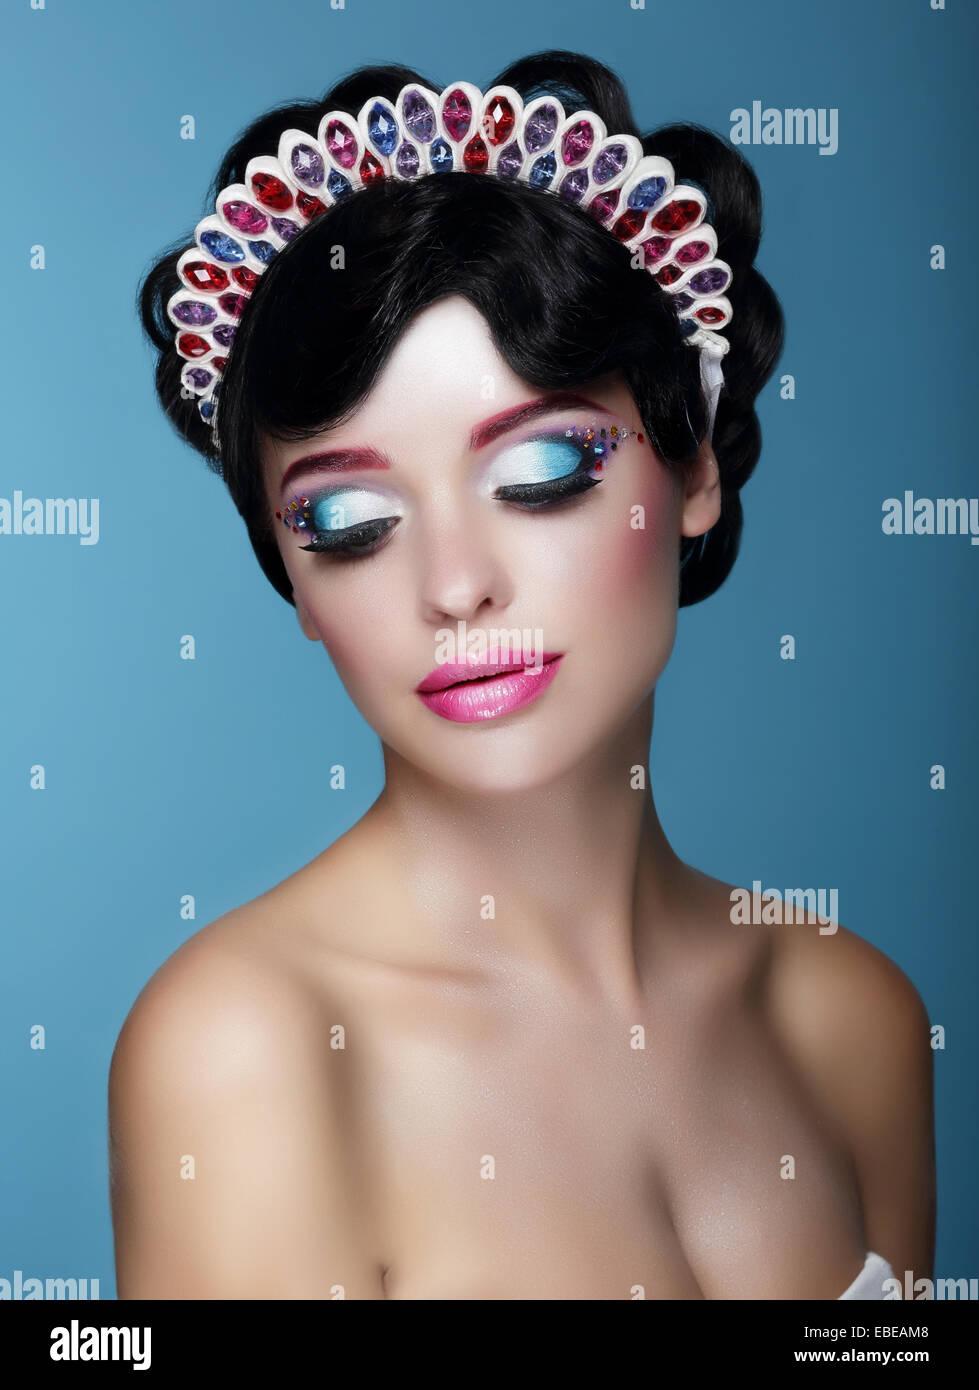 Femme de rêve de luxe avec un miroir et de l'Art Diadem Photo Stock